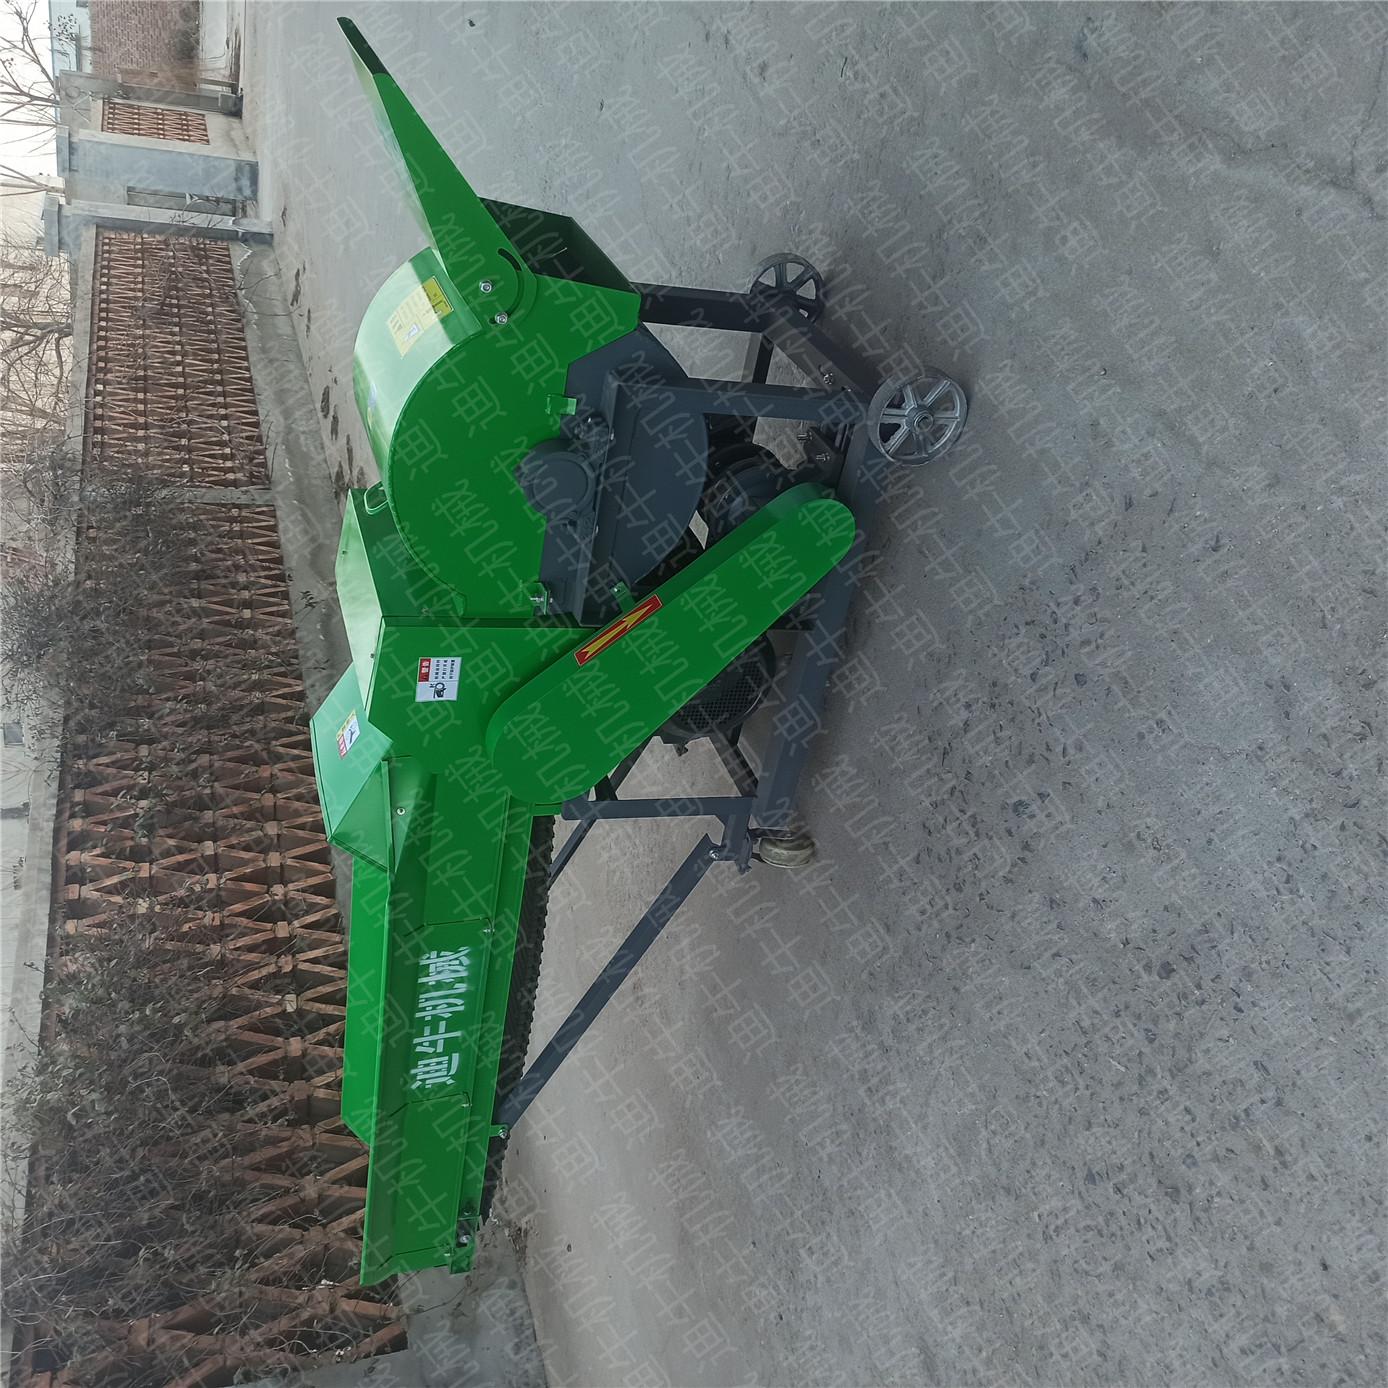 安康市养羊用的什么揉丝机宁津县迪牛机械有限公司